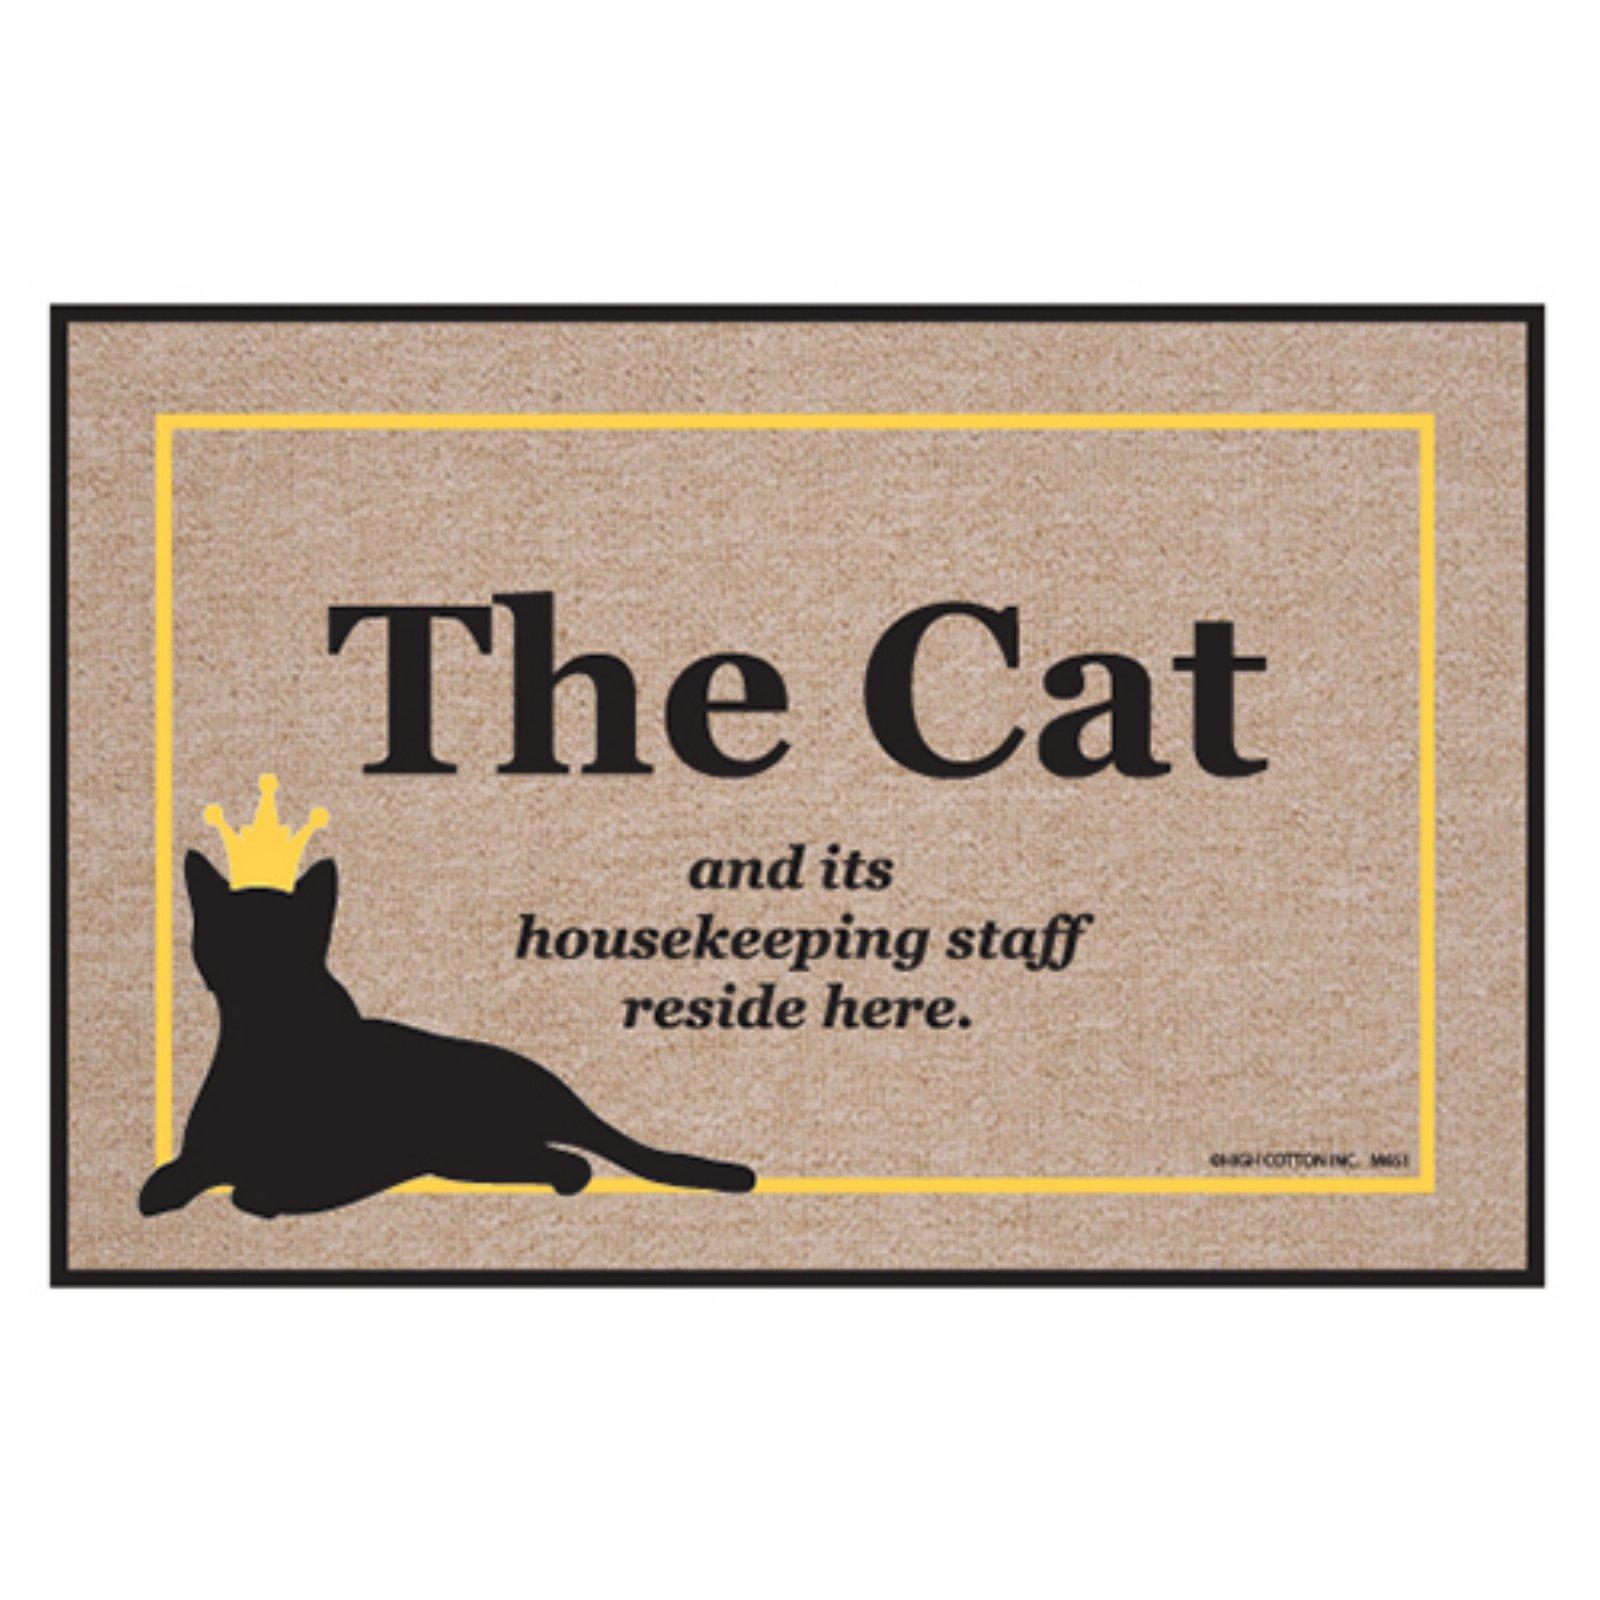 High Cotton Cat Housekeeping Staff Indoor / Outdoor Door Mat